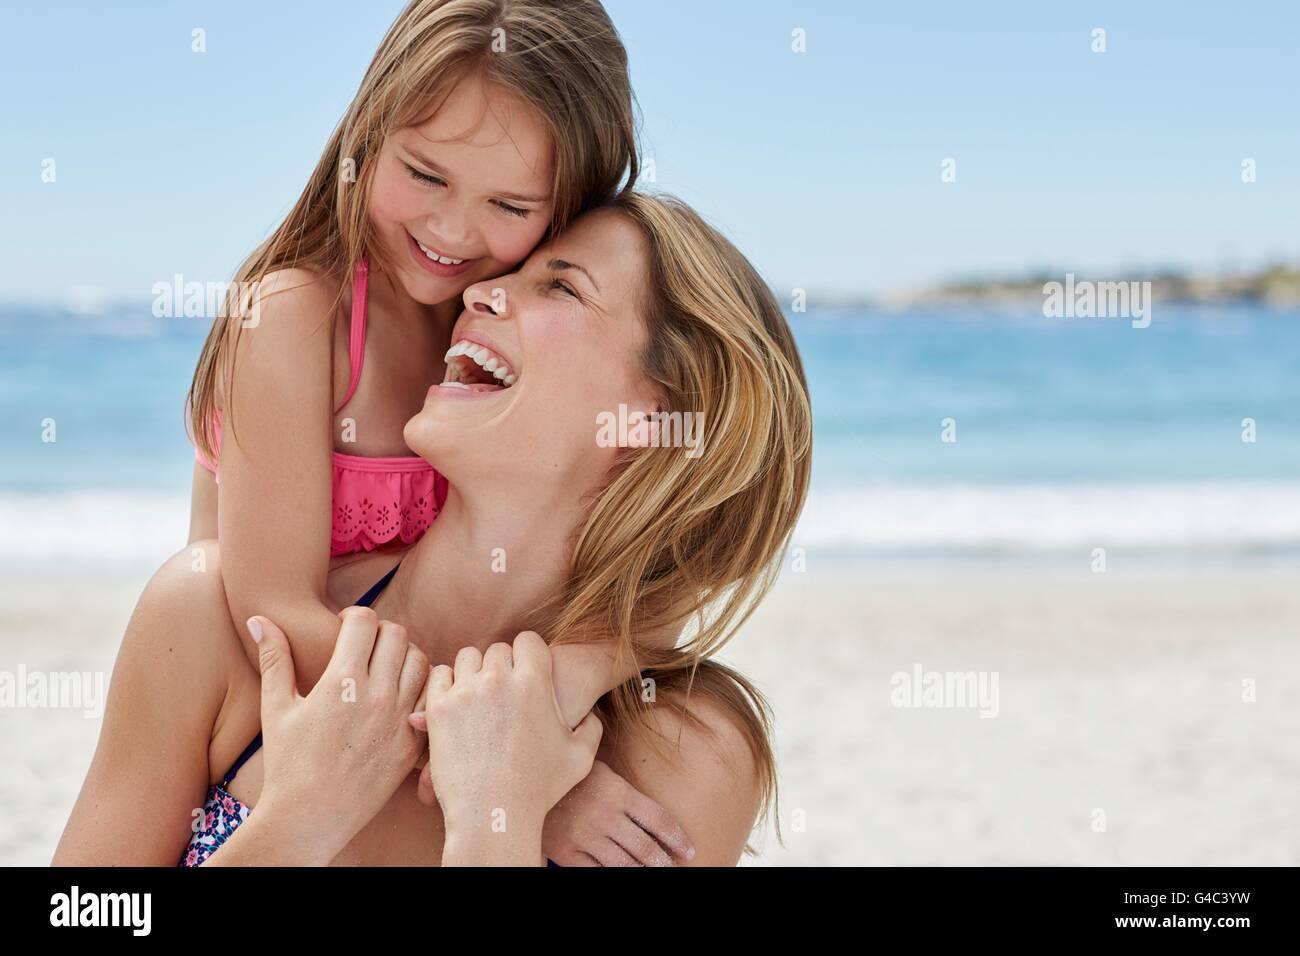 Parution du modèle. Fille mère portant sur son dos. Photo Stock